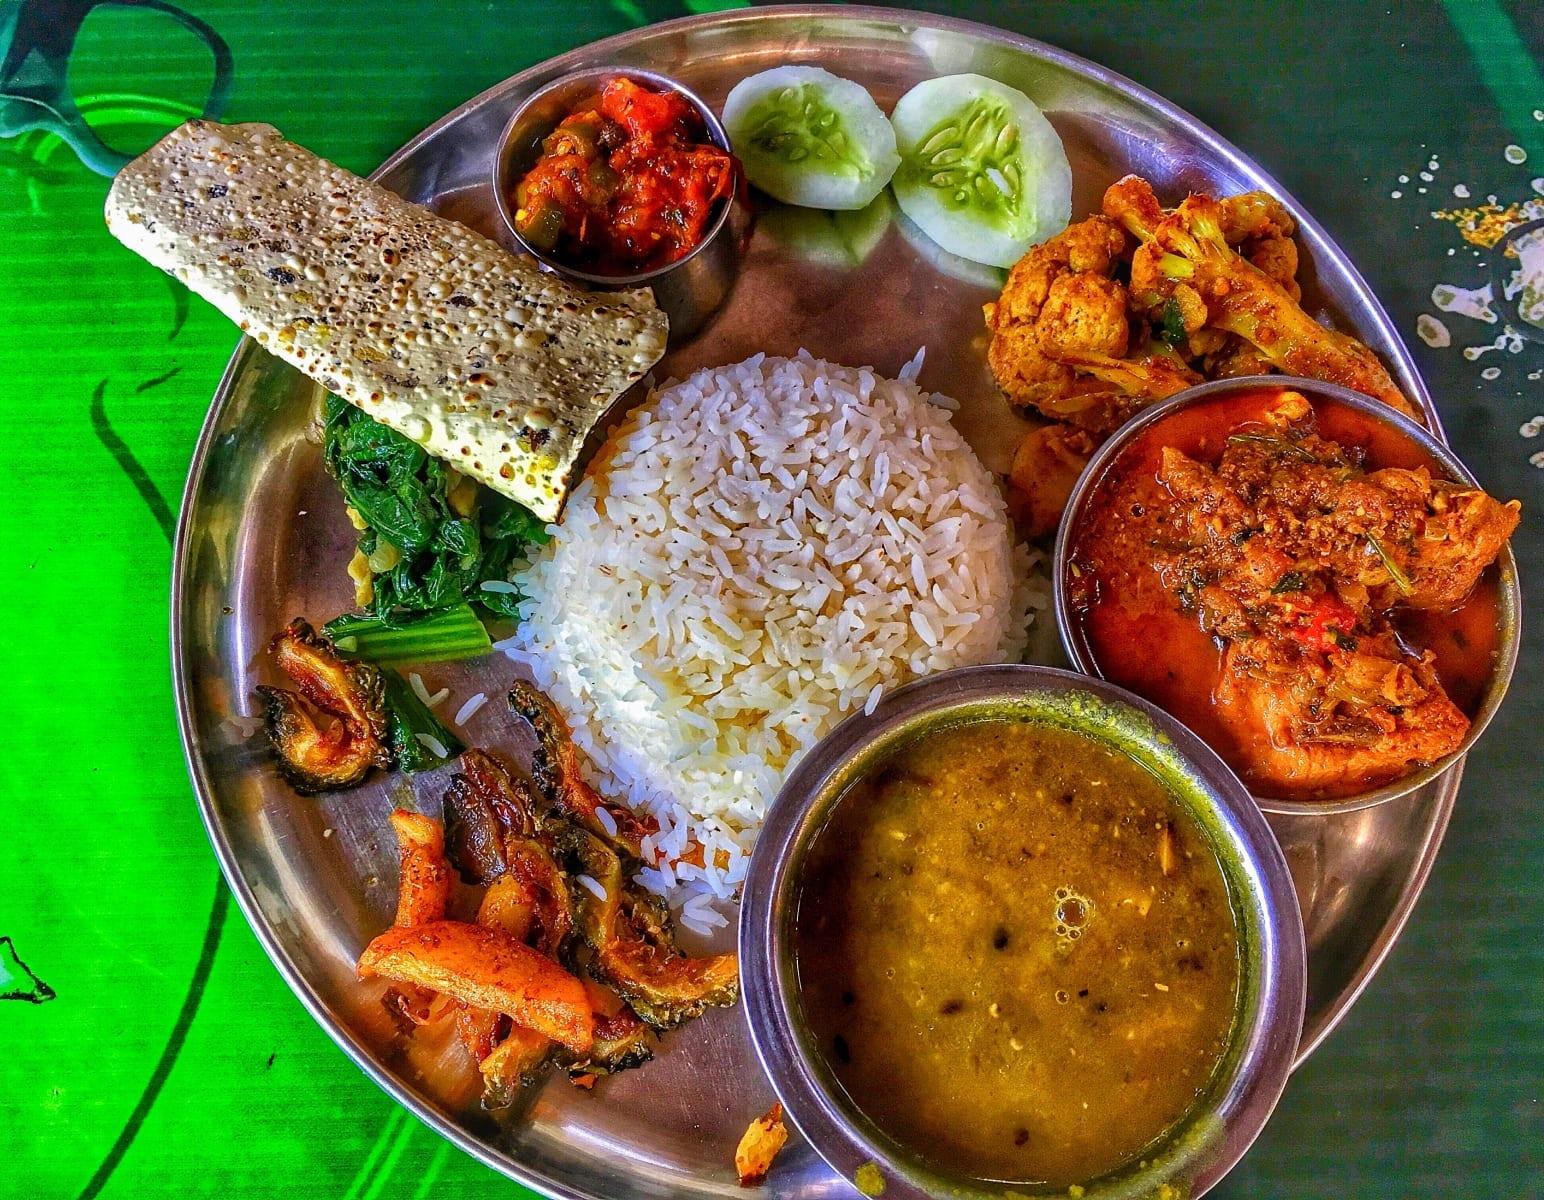 Tradiční Dal bhat tarkari